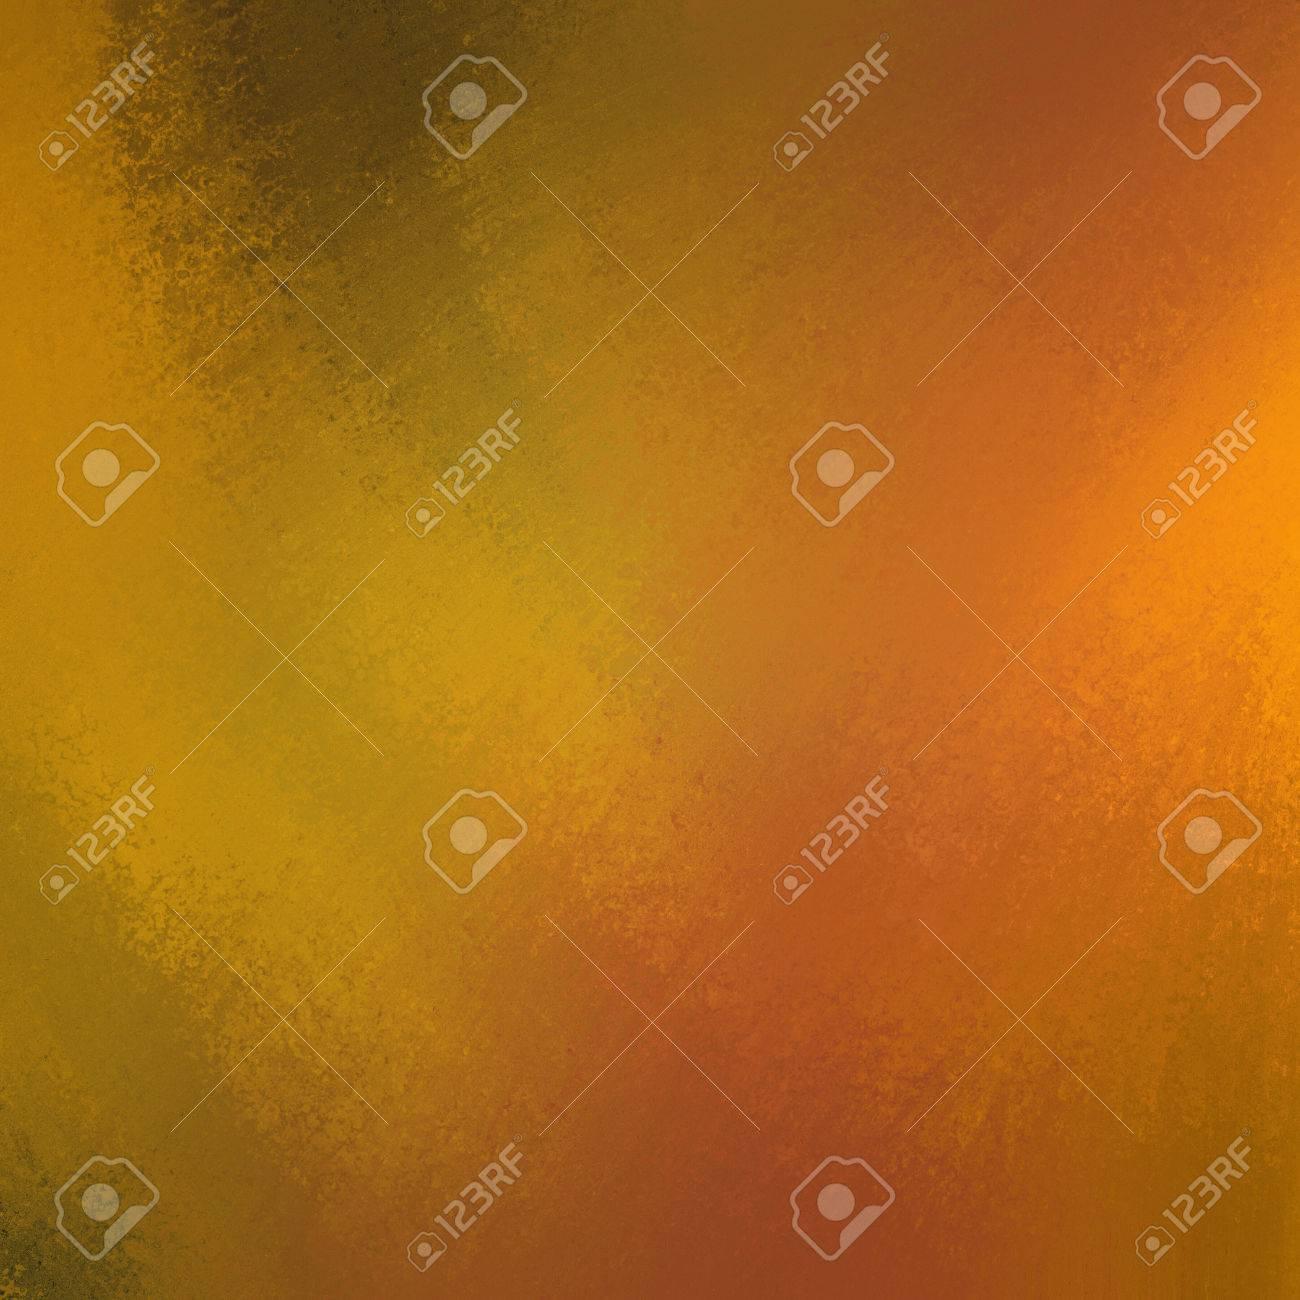 Soft Orange Color Gold Background With Soft Orange Color Splash For Autumn Stock